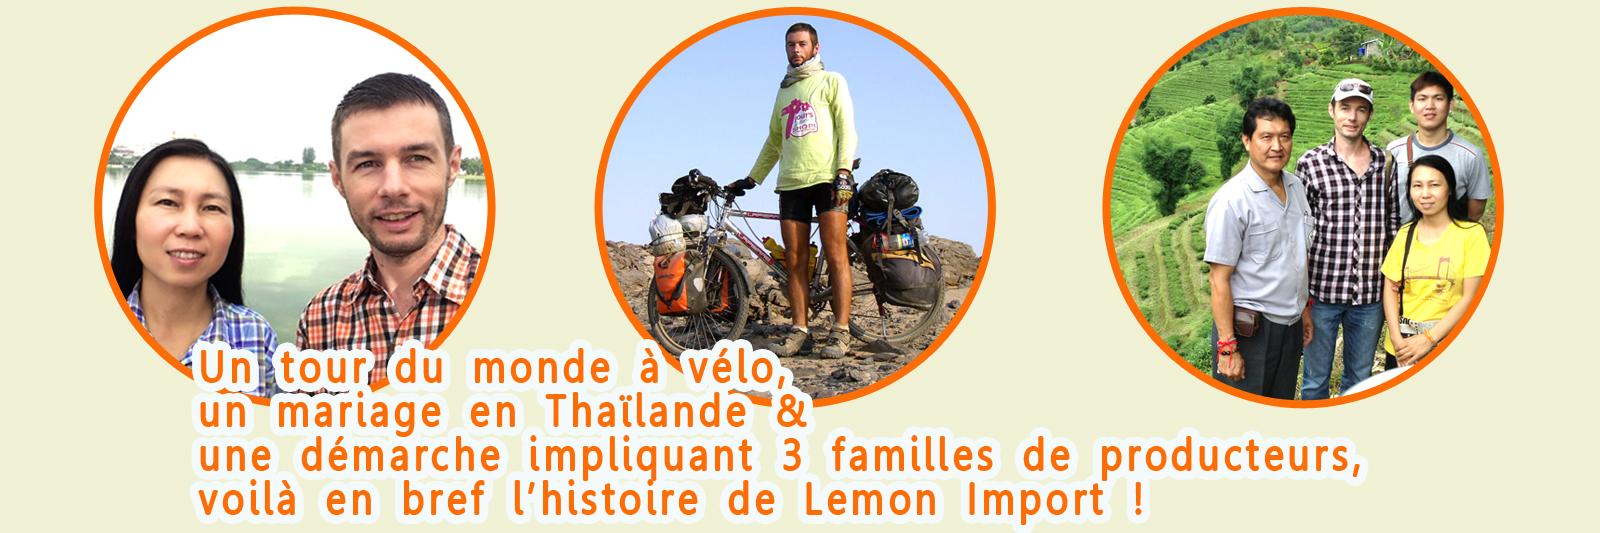 Un tour du monde à vélo, un mariage en Thaïlande et une démarche avec 3 producteurs thaïlandais : c'est Lemon Import, le projet de Junthana & Clément Pluchery